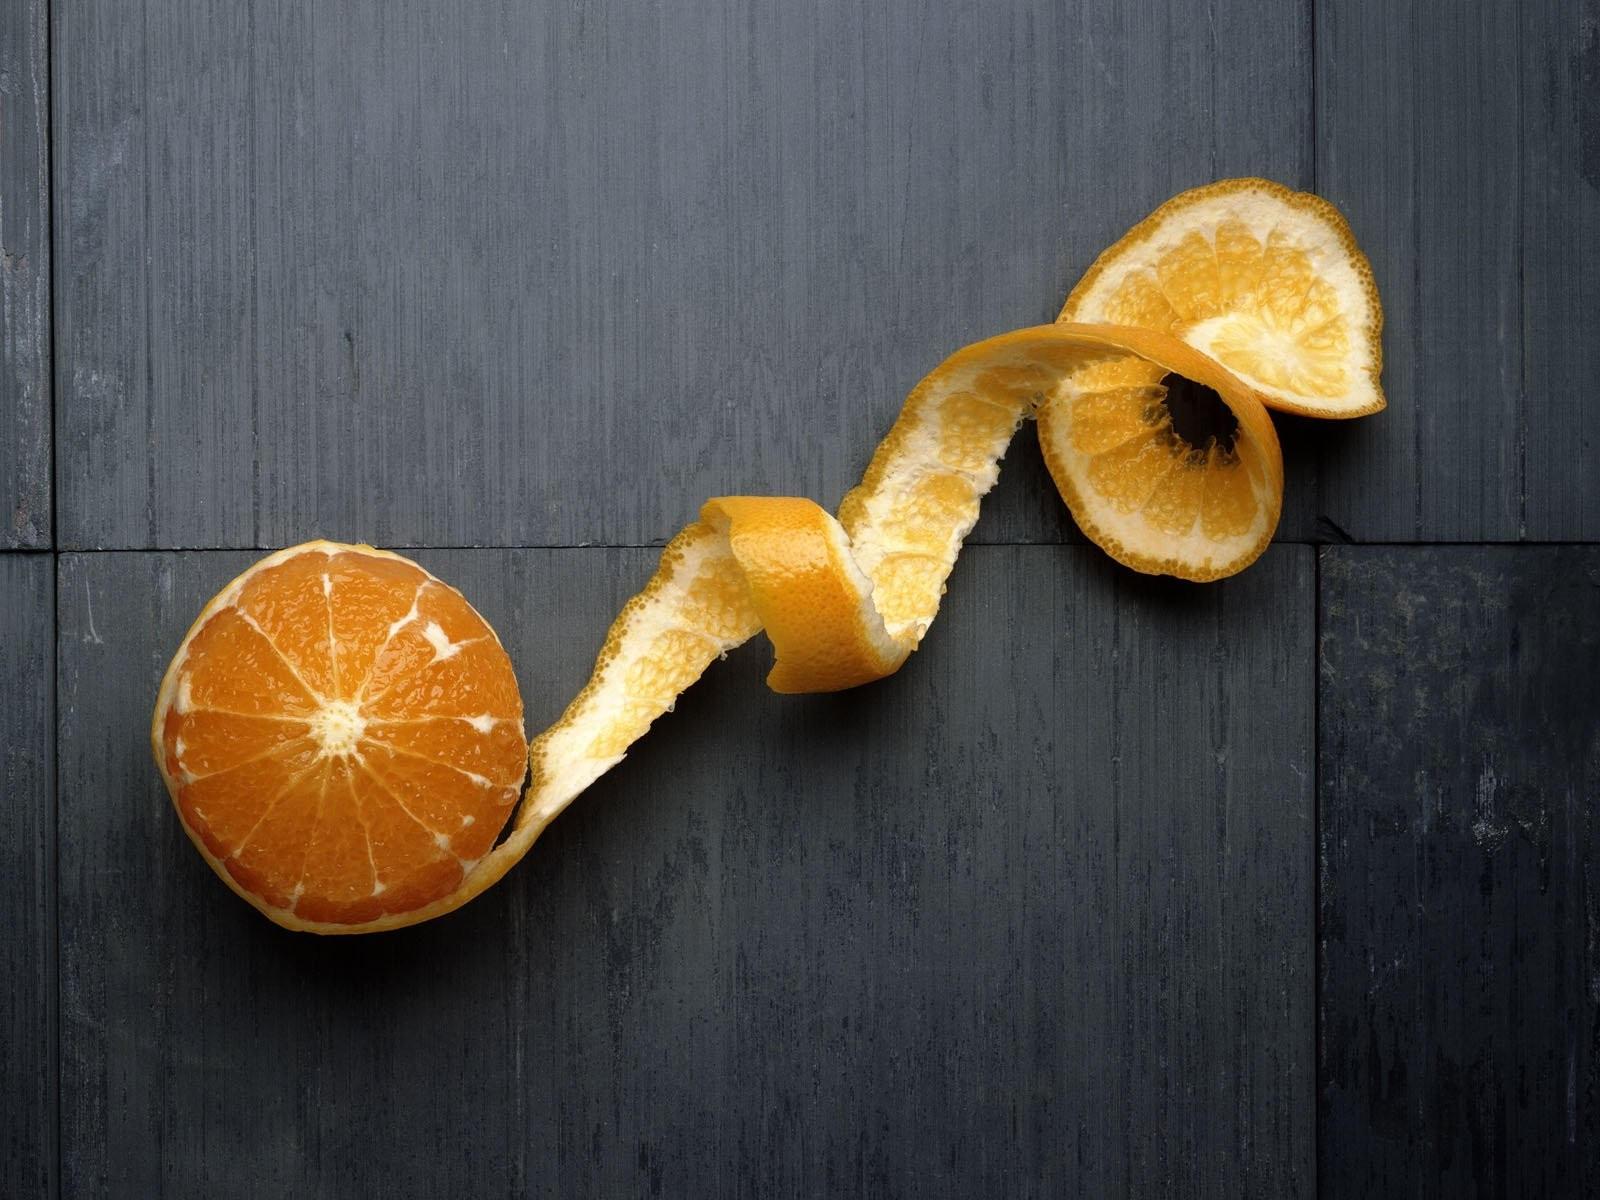 Апельсин с кожурой